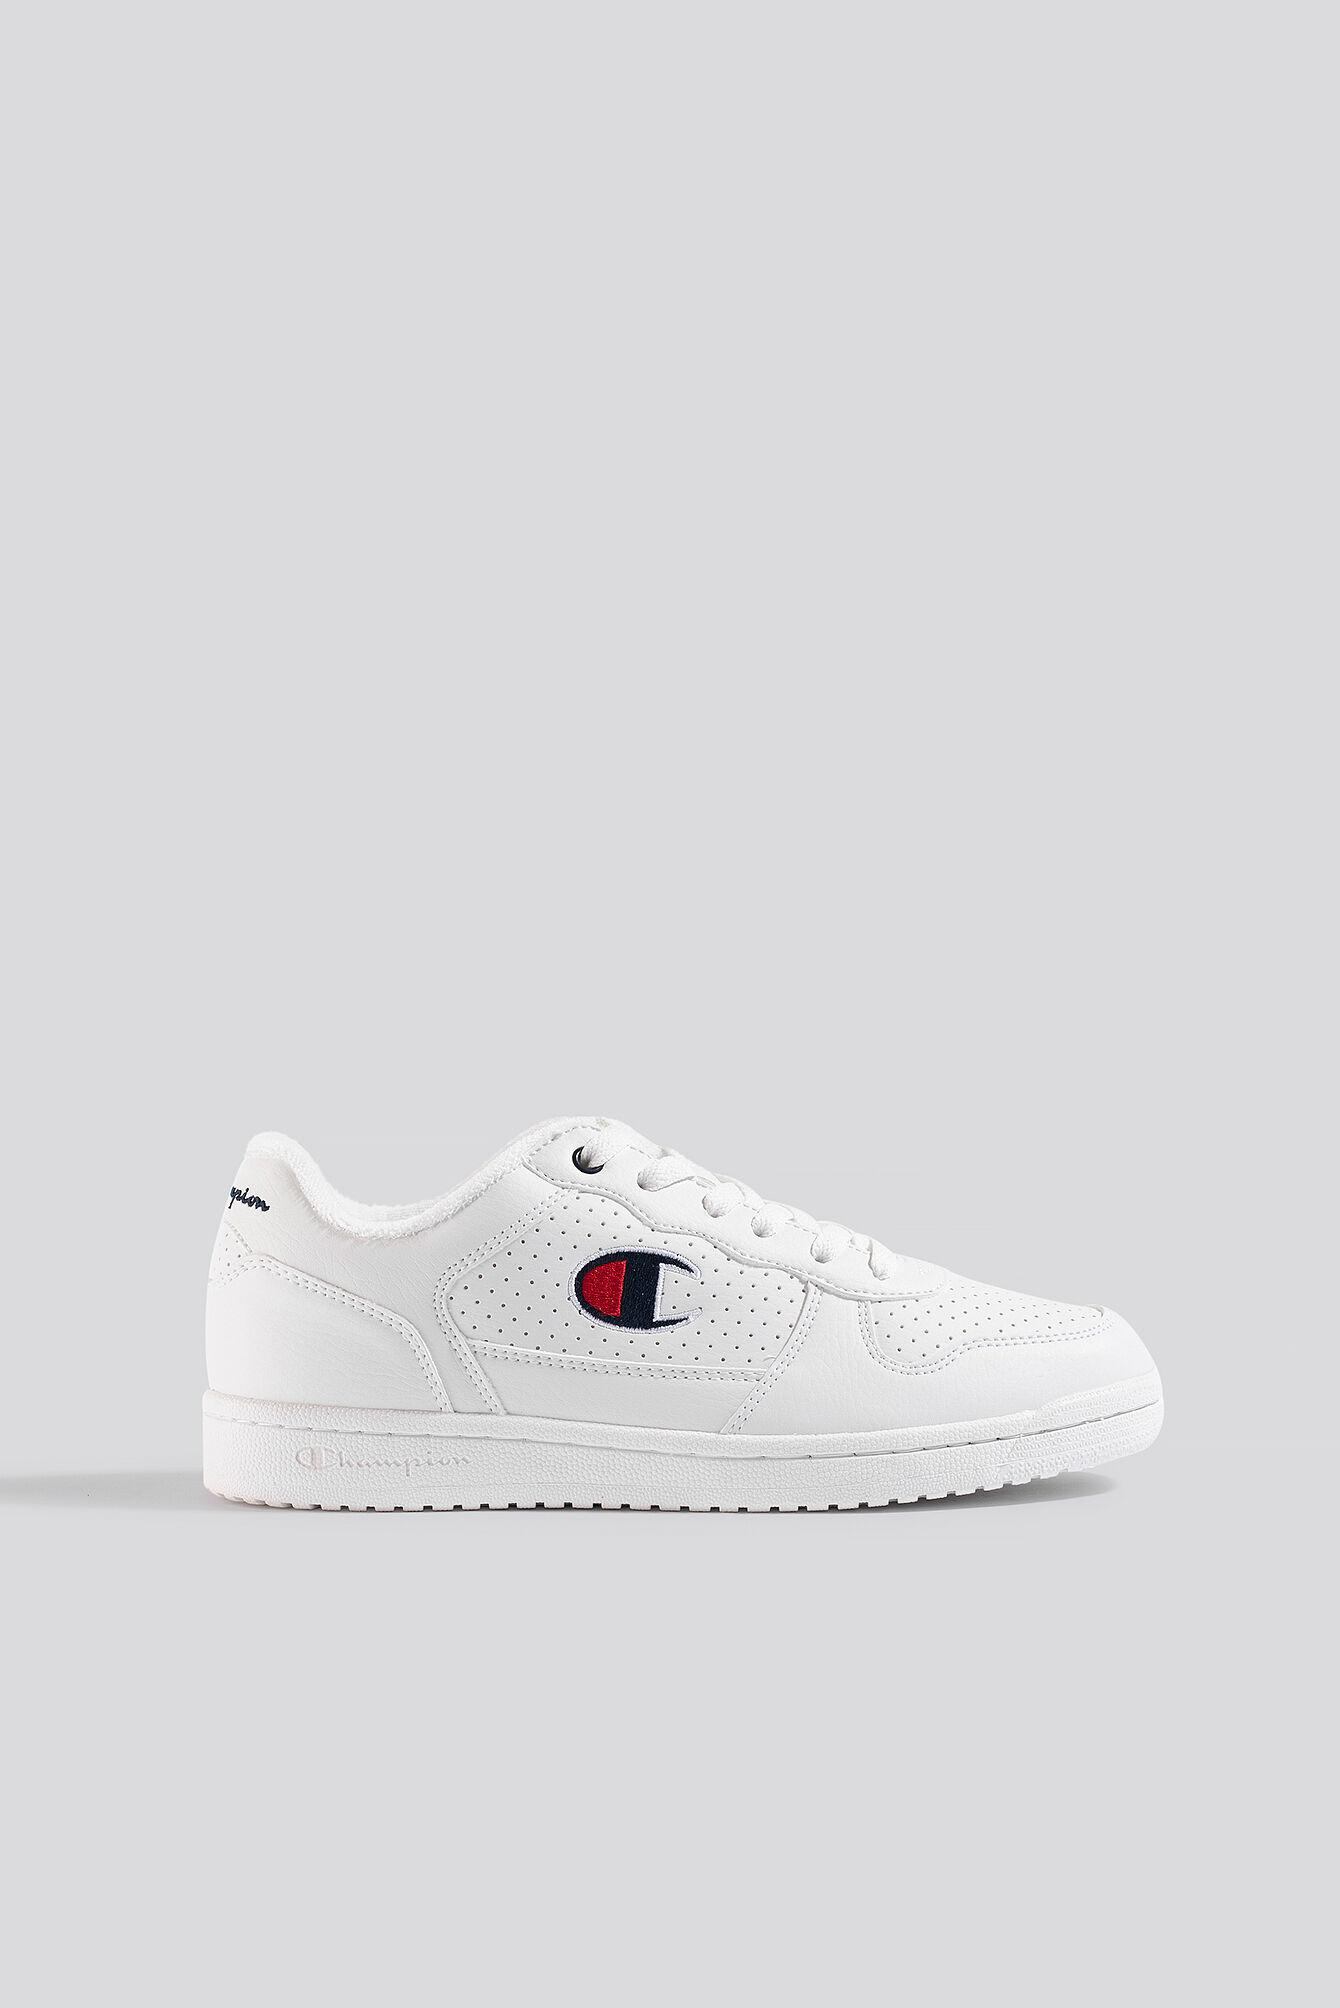 Champion Chicago Low PU Low Cut Shoe - White  - Size: EU 36,EU 37,EU 38,EU 39,EU 40